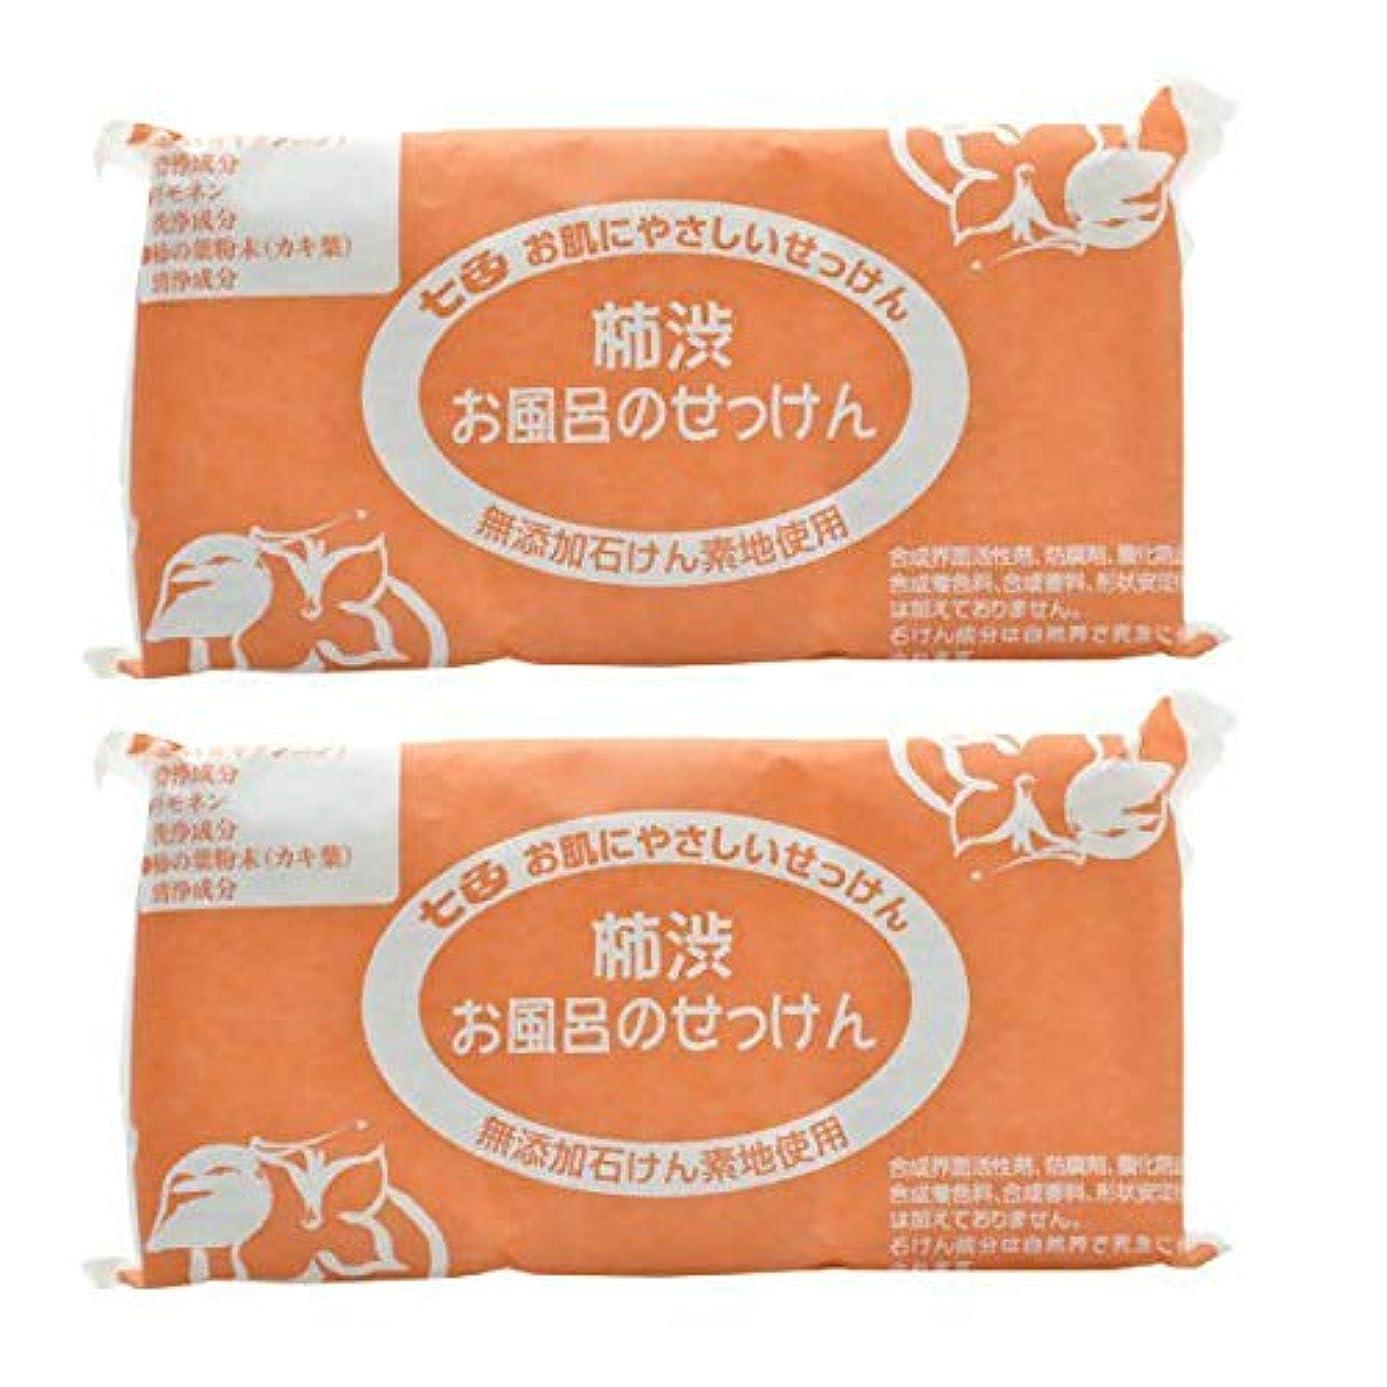 フルーティー長さ次七色 お風呂のせっけん 柿渋(無添加石鹸) 100g×3個入×2セット